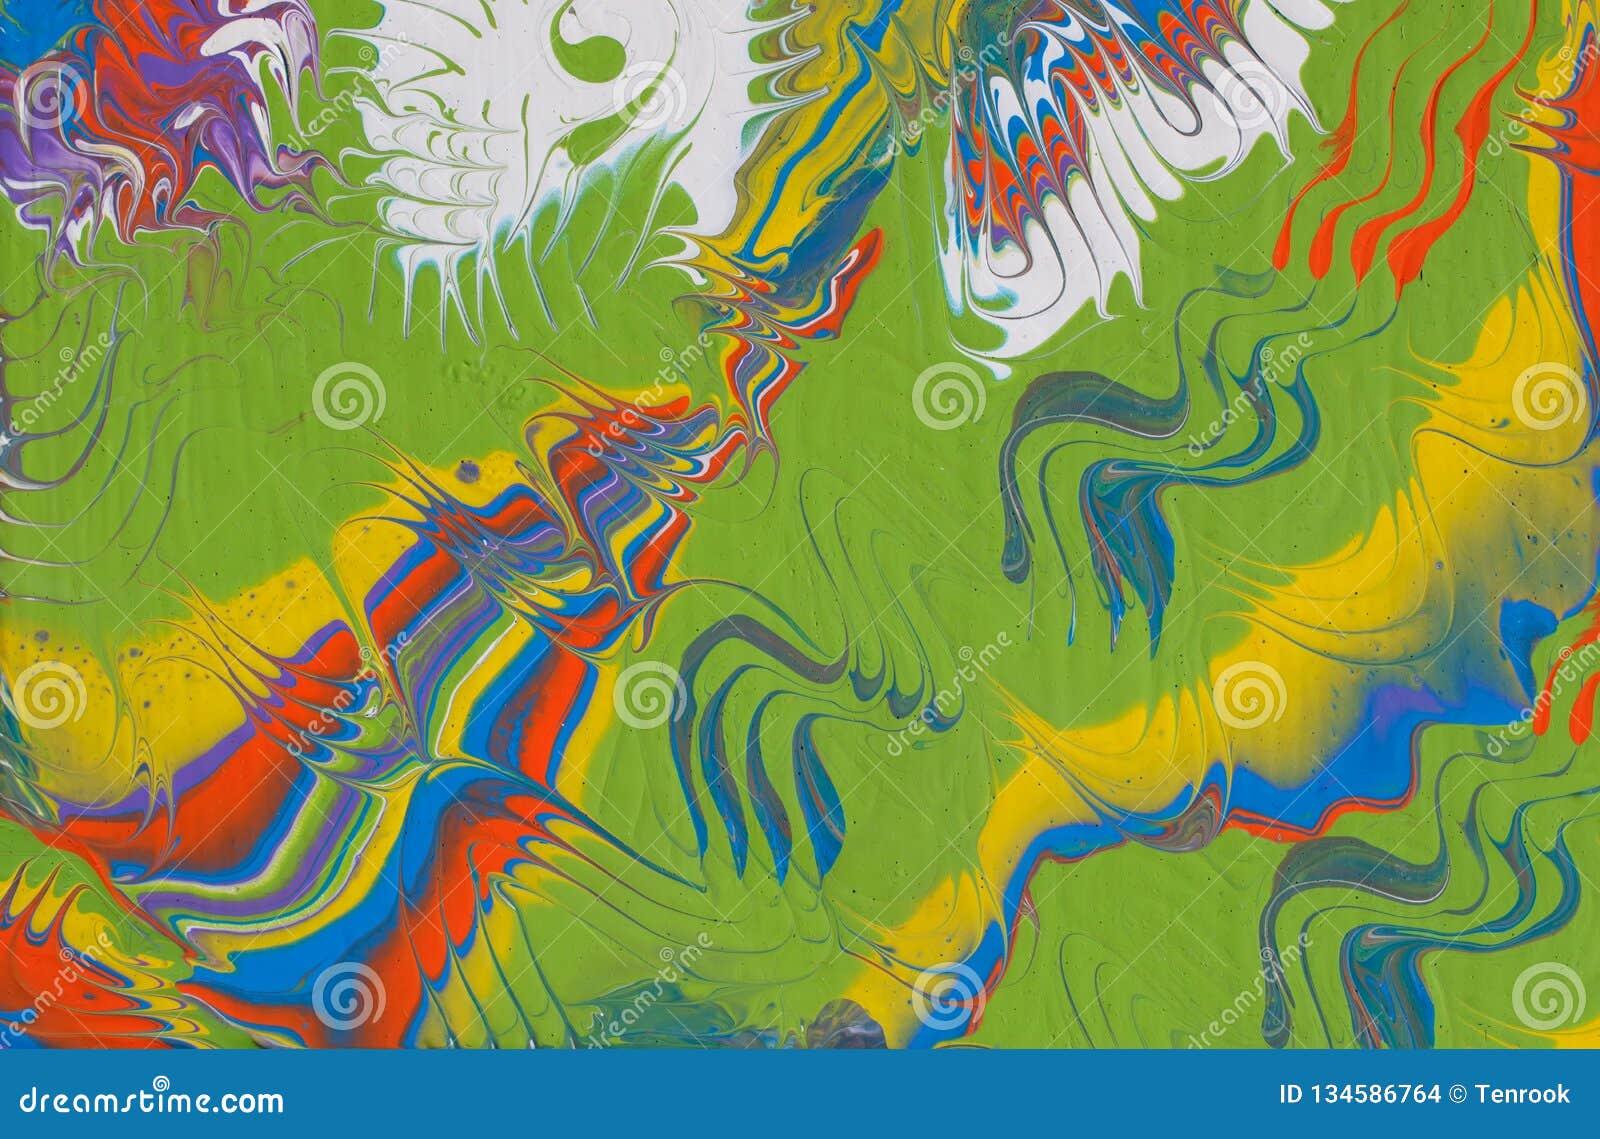 Fondo hecho a mano multicolor del extracto Arte flúido